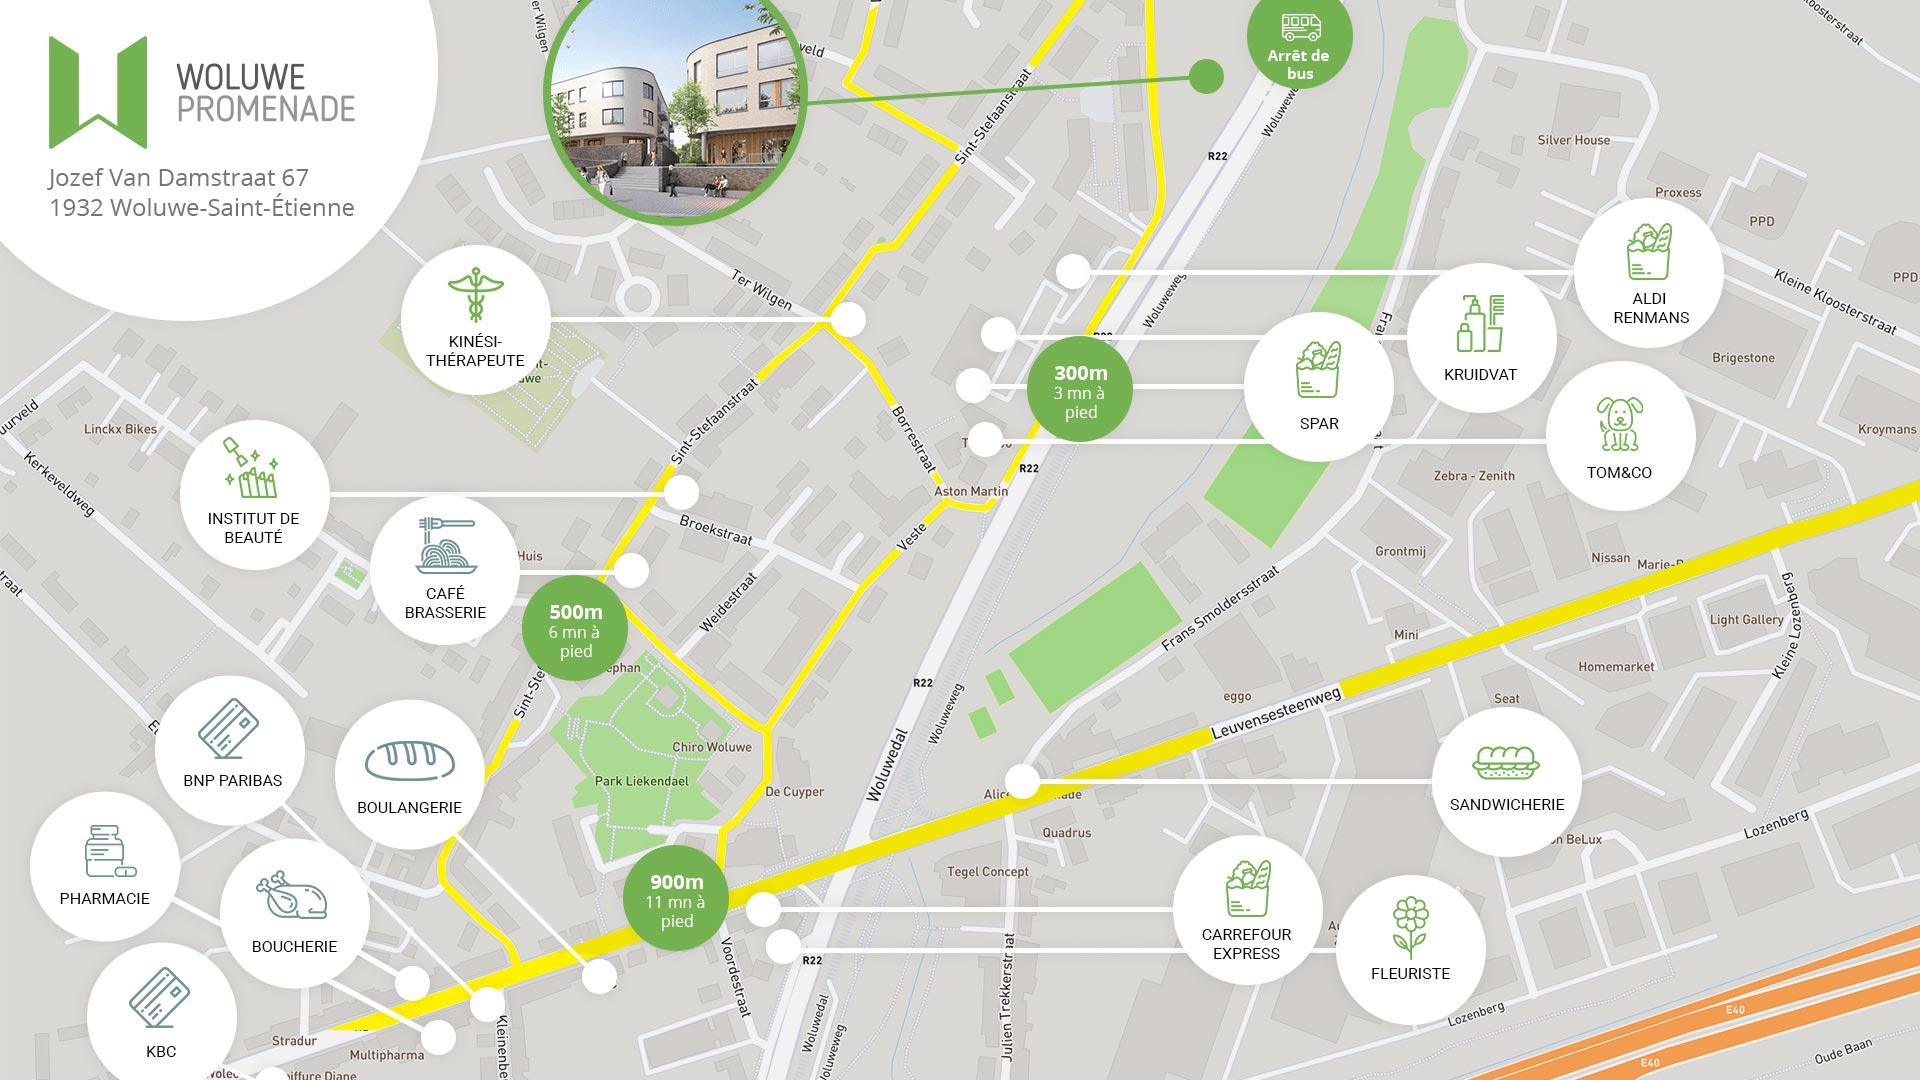 Woluwe Promenade FR map